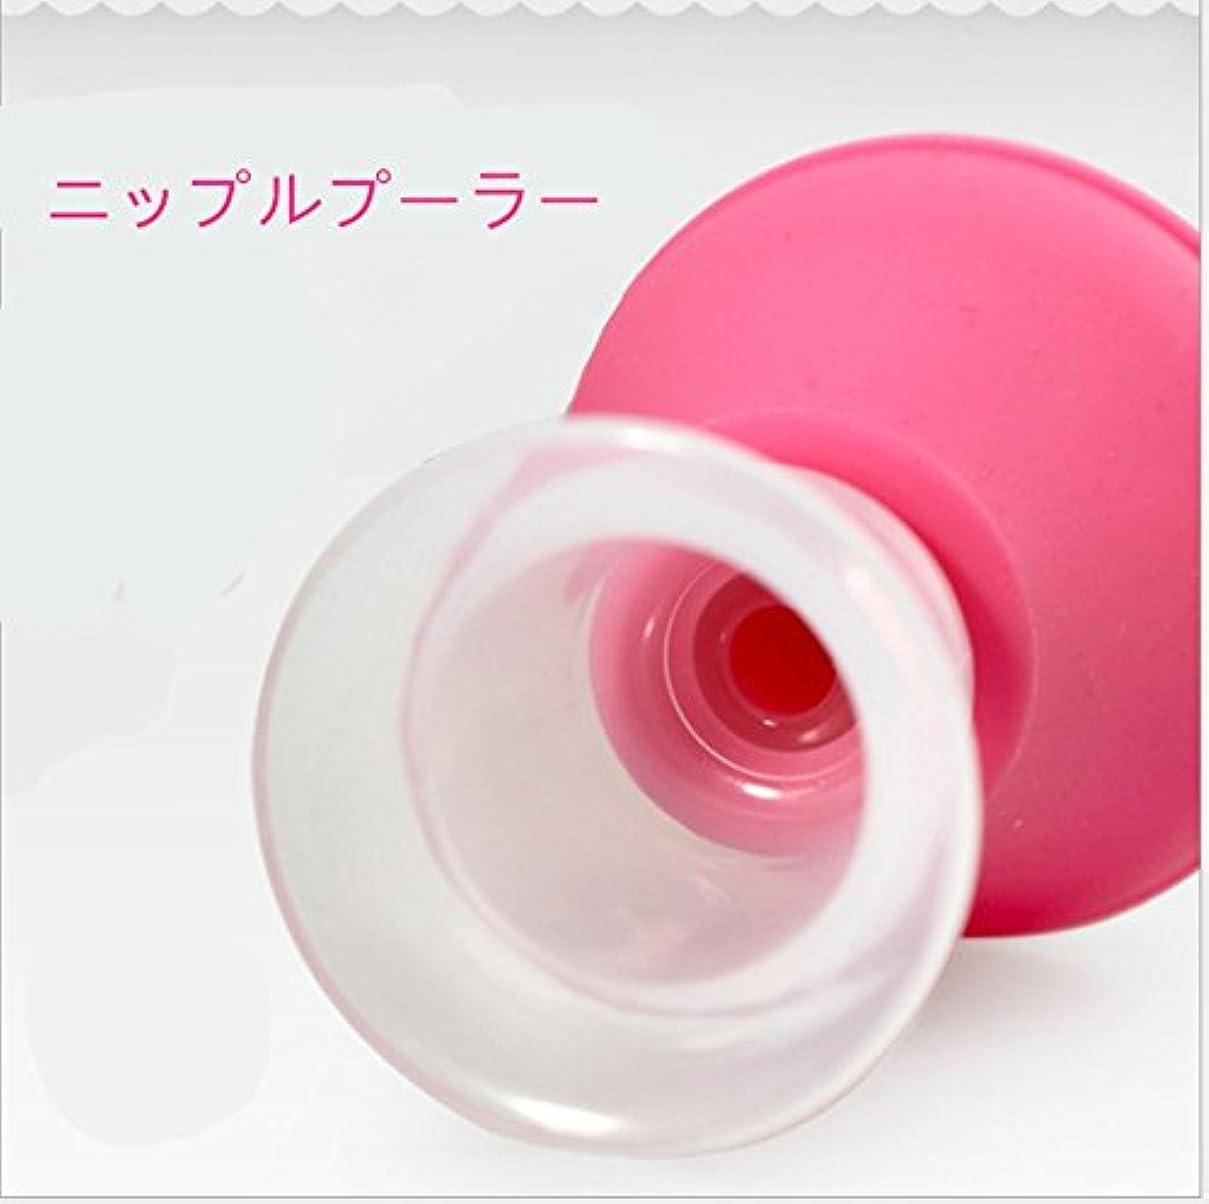 私たちの防腐剤修正するピジョン 乳頭吸引器 ケース付扁平乳首に乳頭吸引器 母乳育児ケア ランダム色